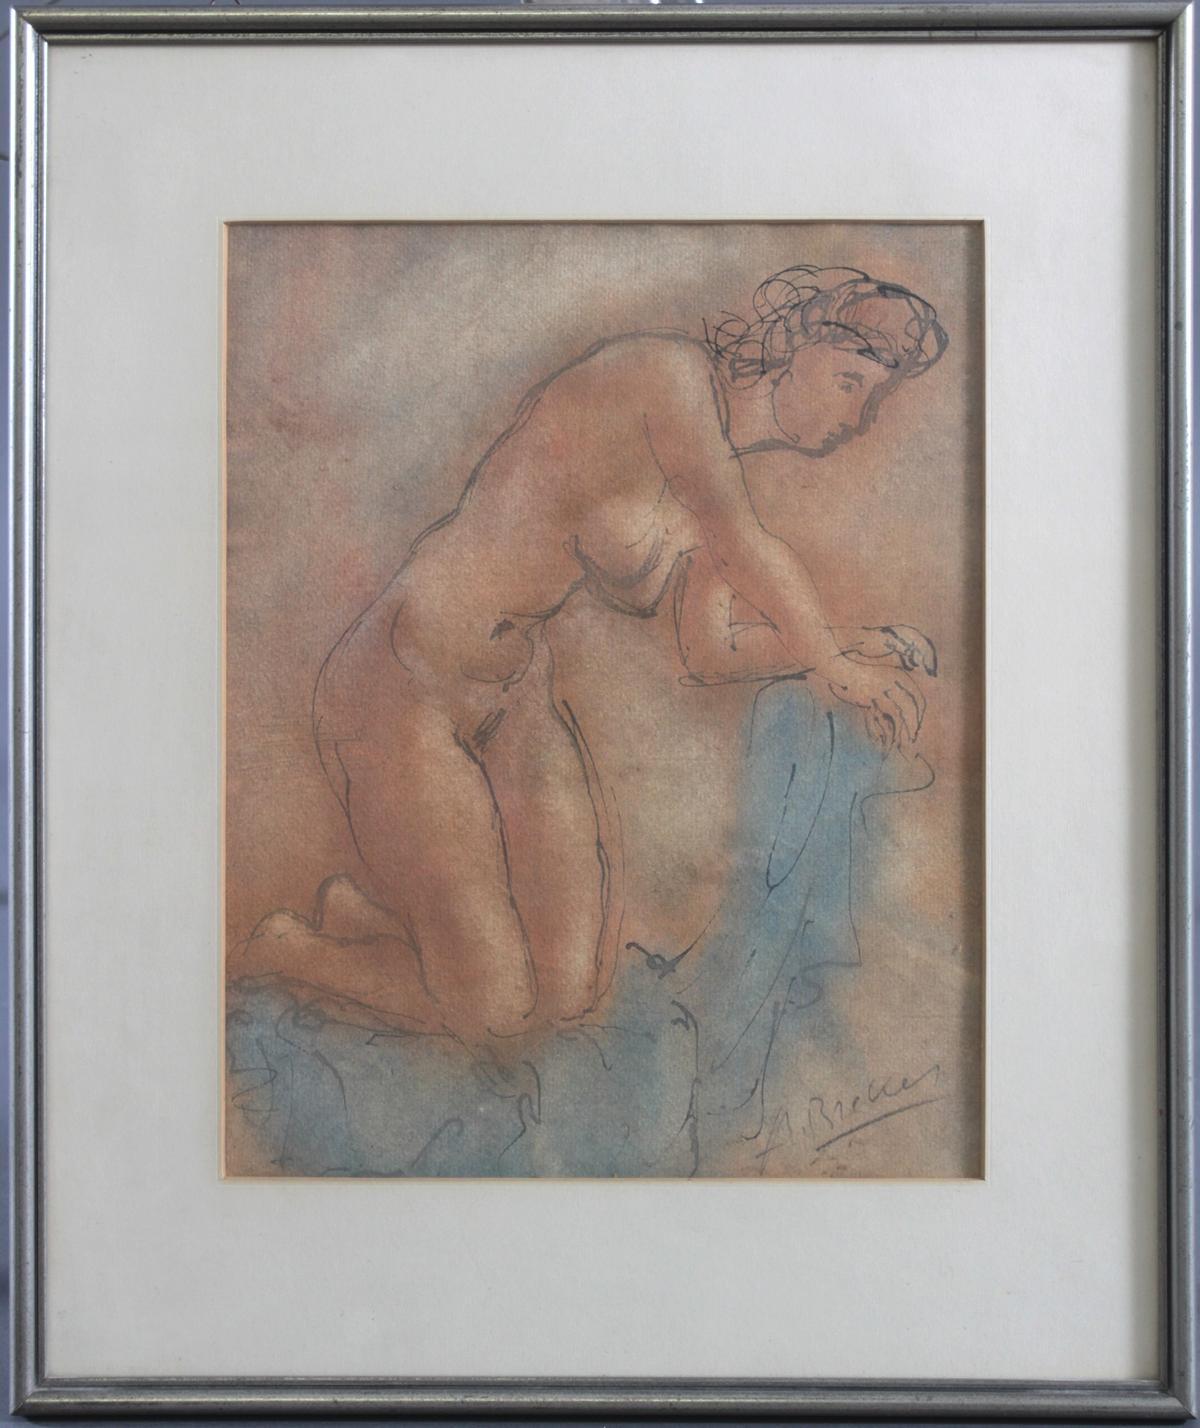 Arno Breker 1900 – 1991, kniender Frauenakt